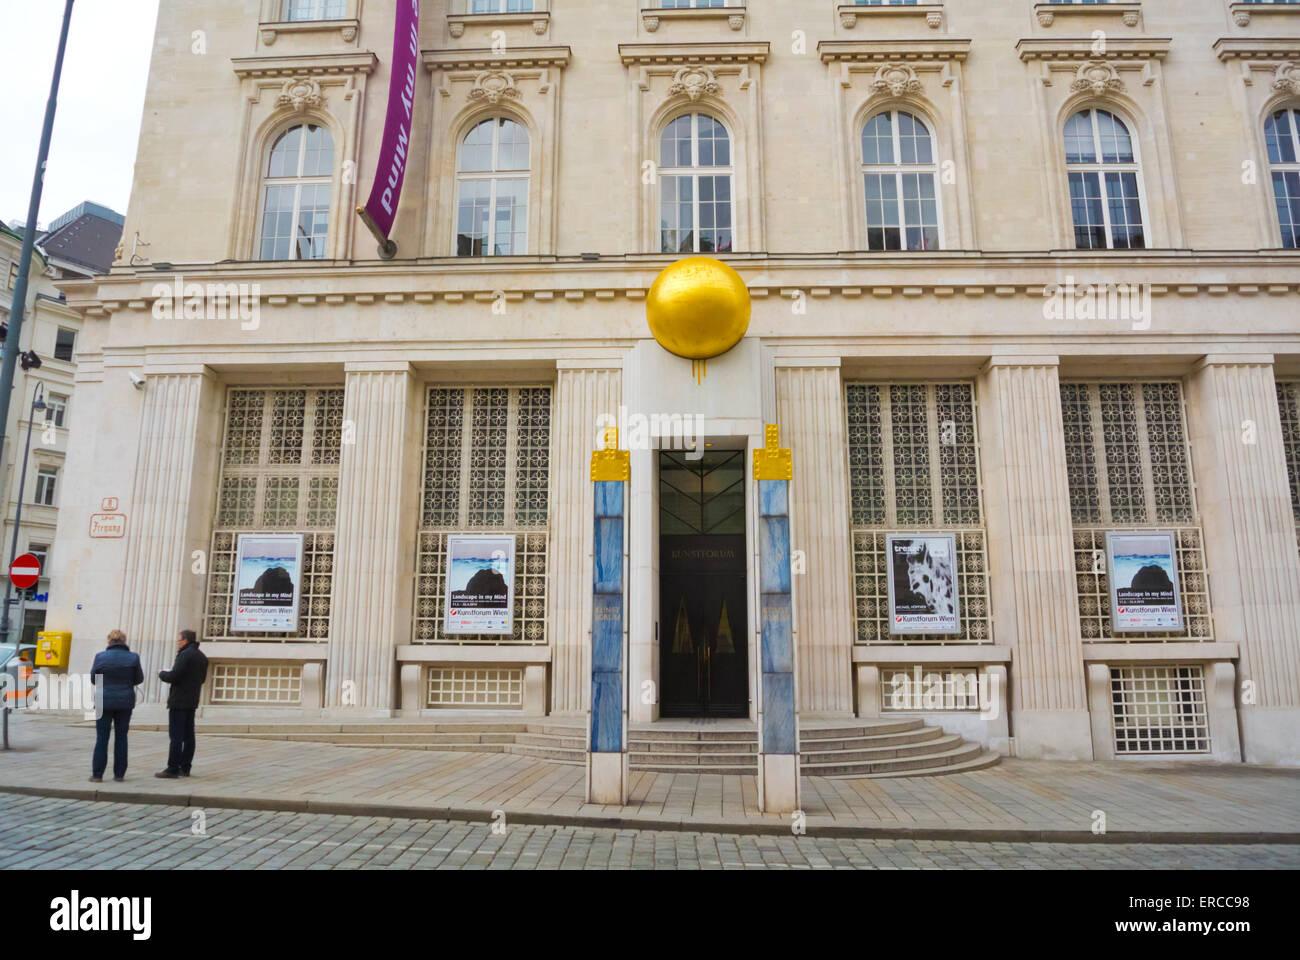 BA-CA KUNSTFORUM, Bank Austria Kunstforum, Freyung, Altstadt ... on